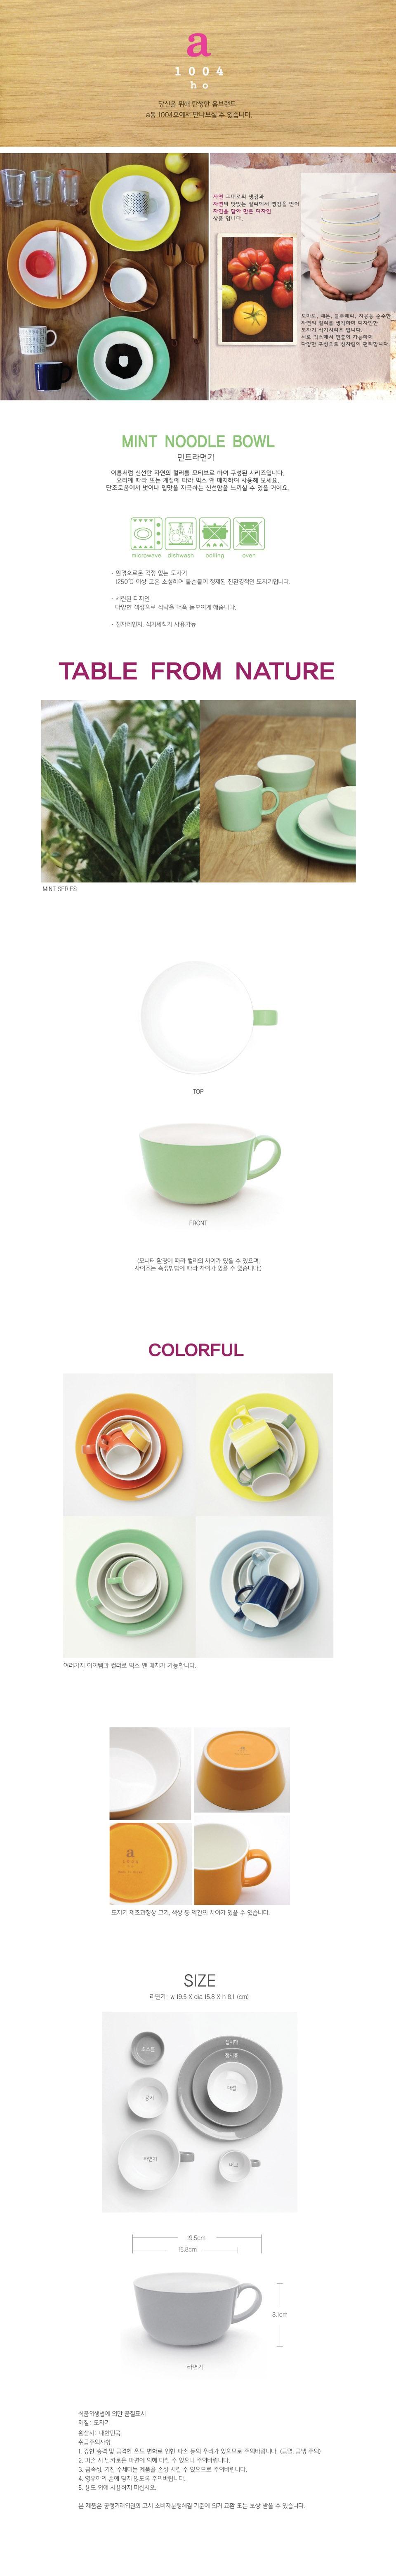 에이동천사호 네이처 컬러 라면기 - 민트 - 우리디자인, 14,800원, 파스타/면기/스프, 면기